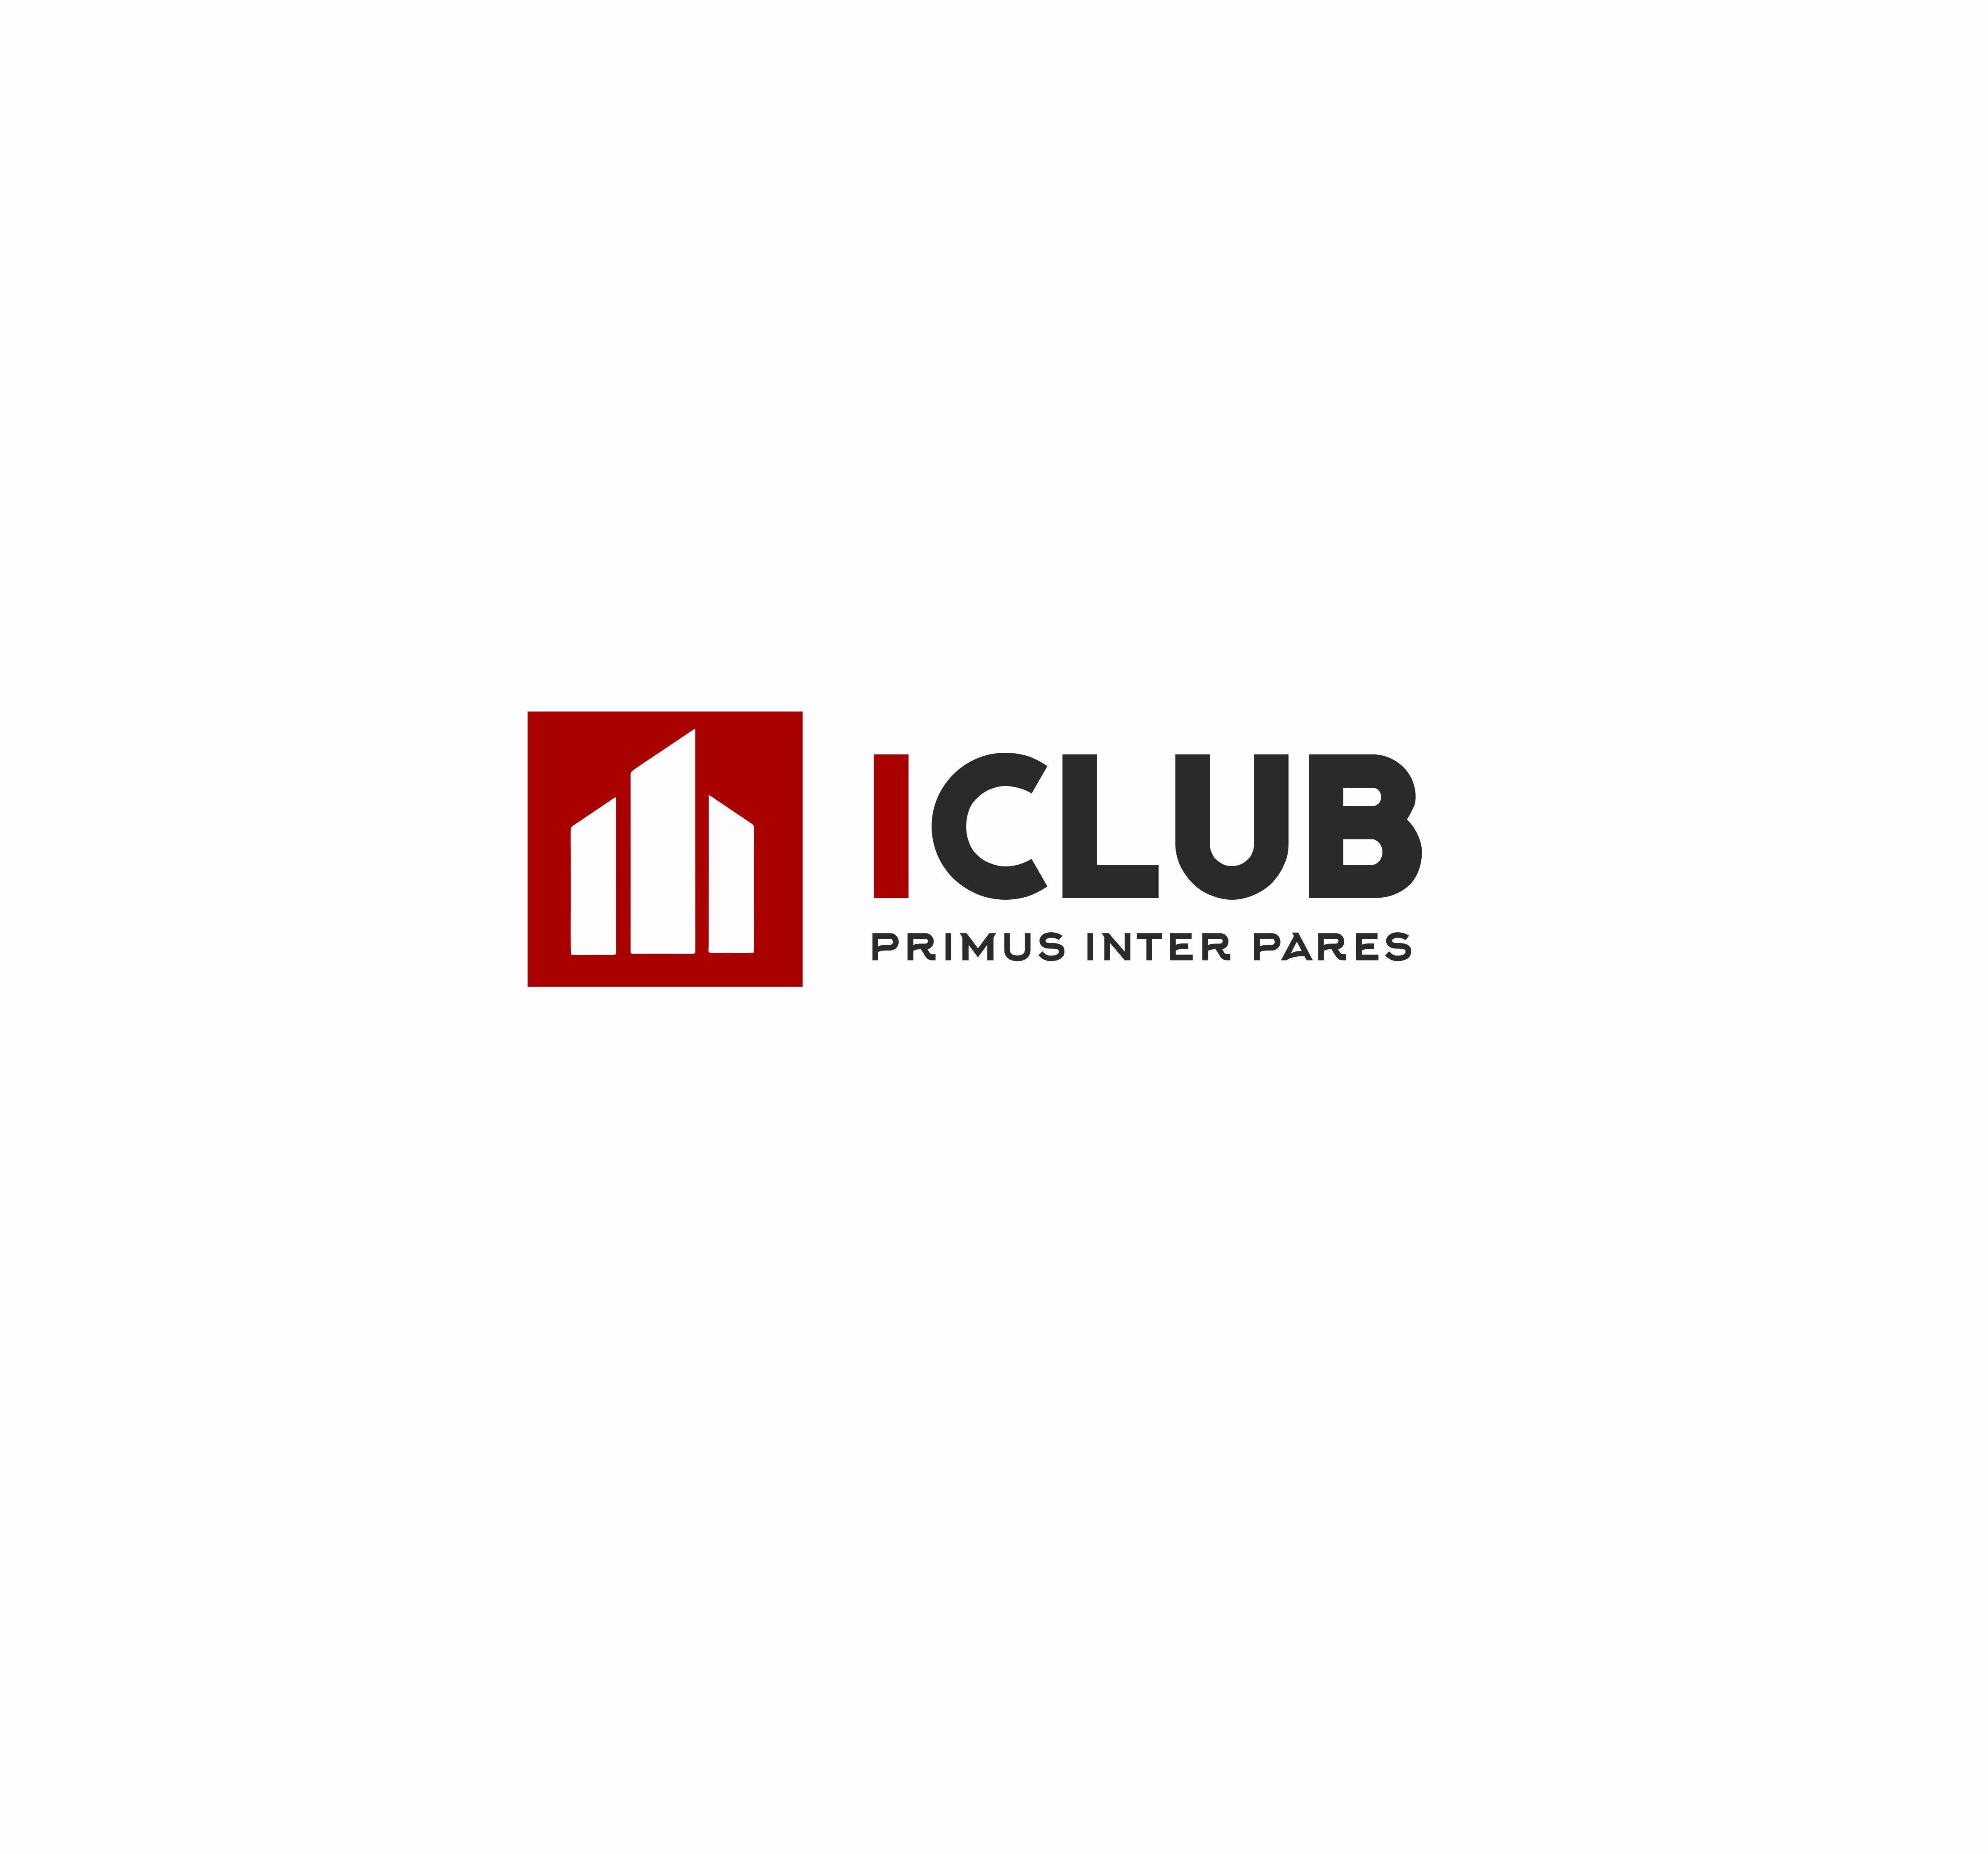 Логотип делового клуба фото f_1015f8445cfb00e0.jpg